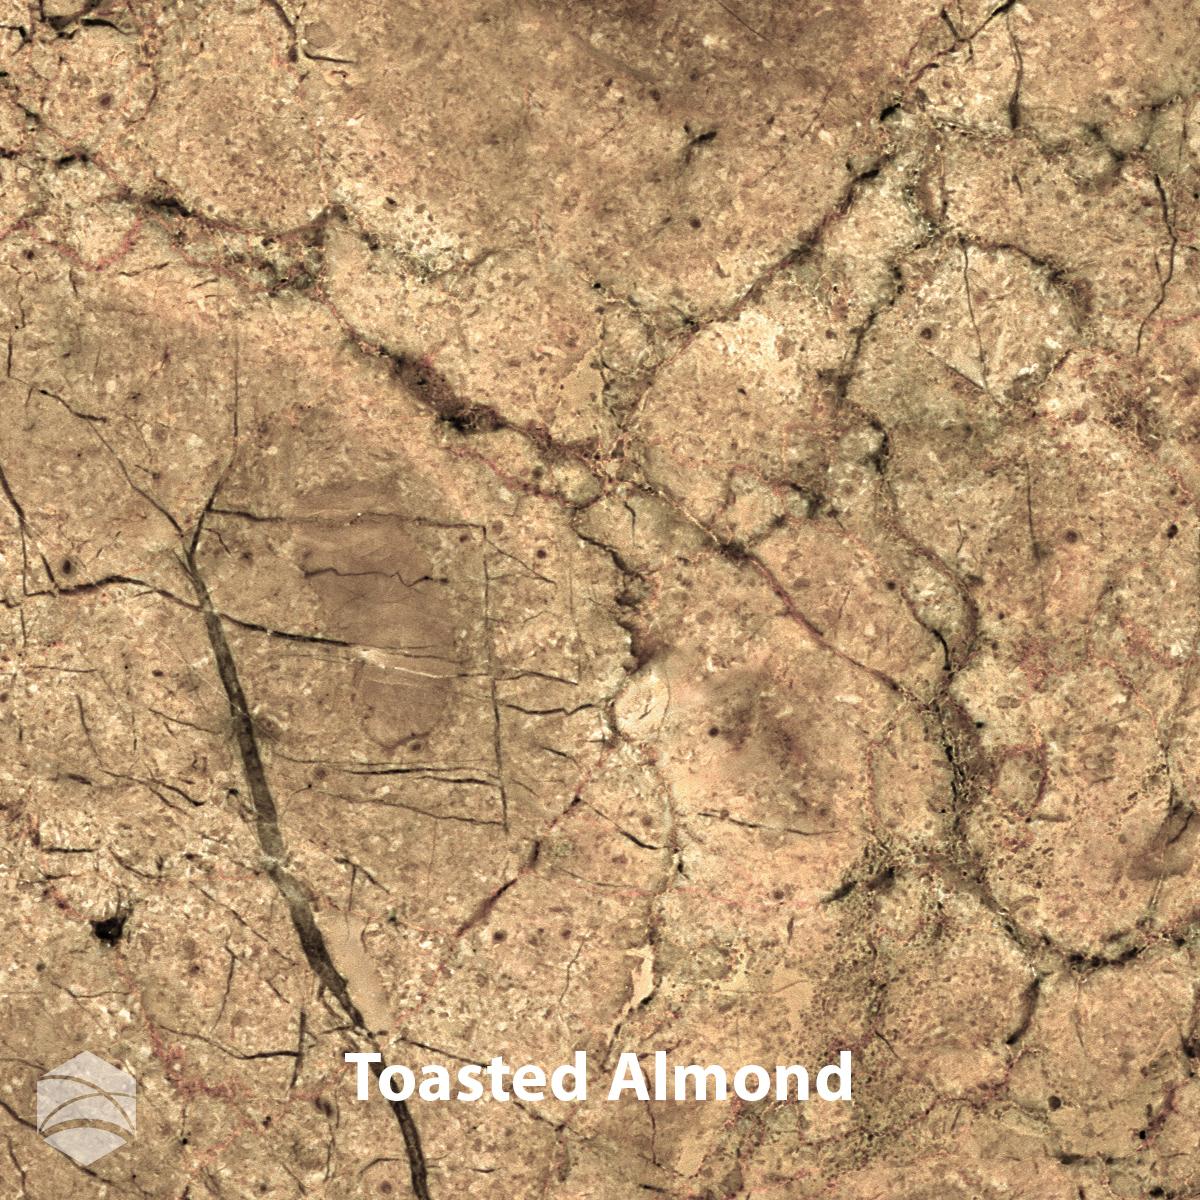 Toasted Almond_V2_12x12.jpg